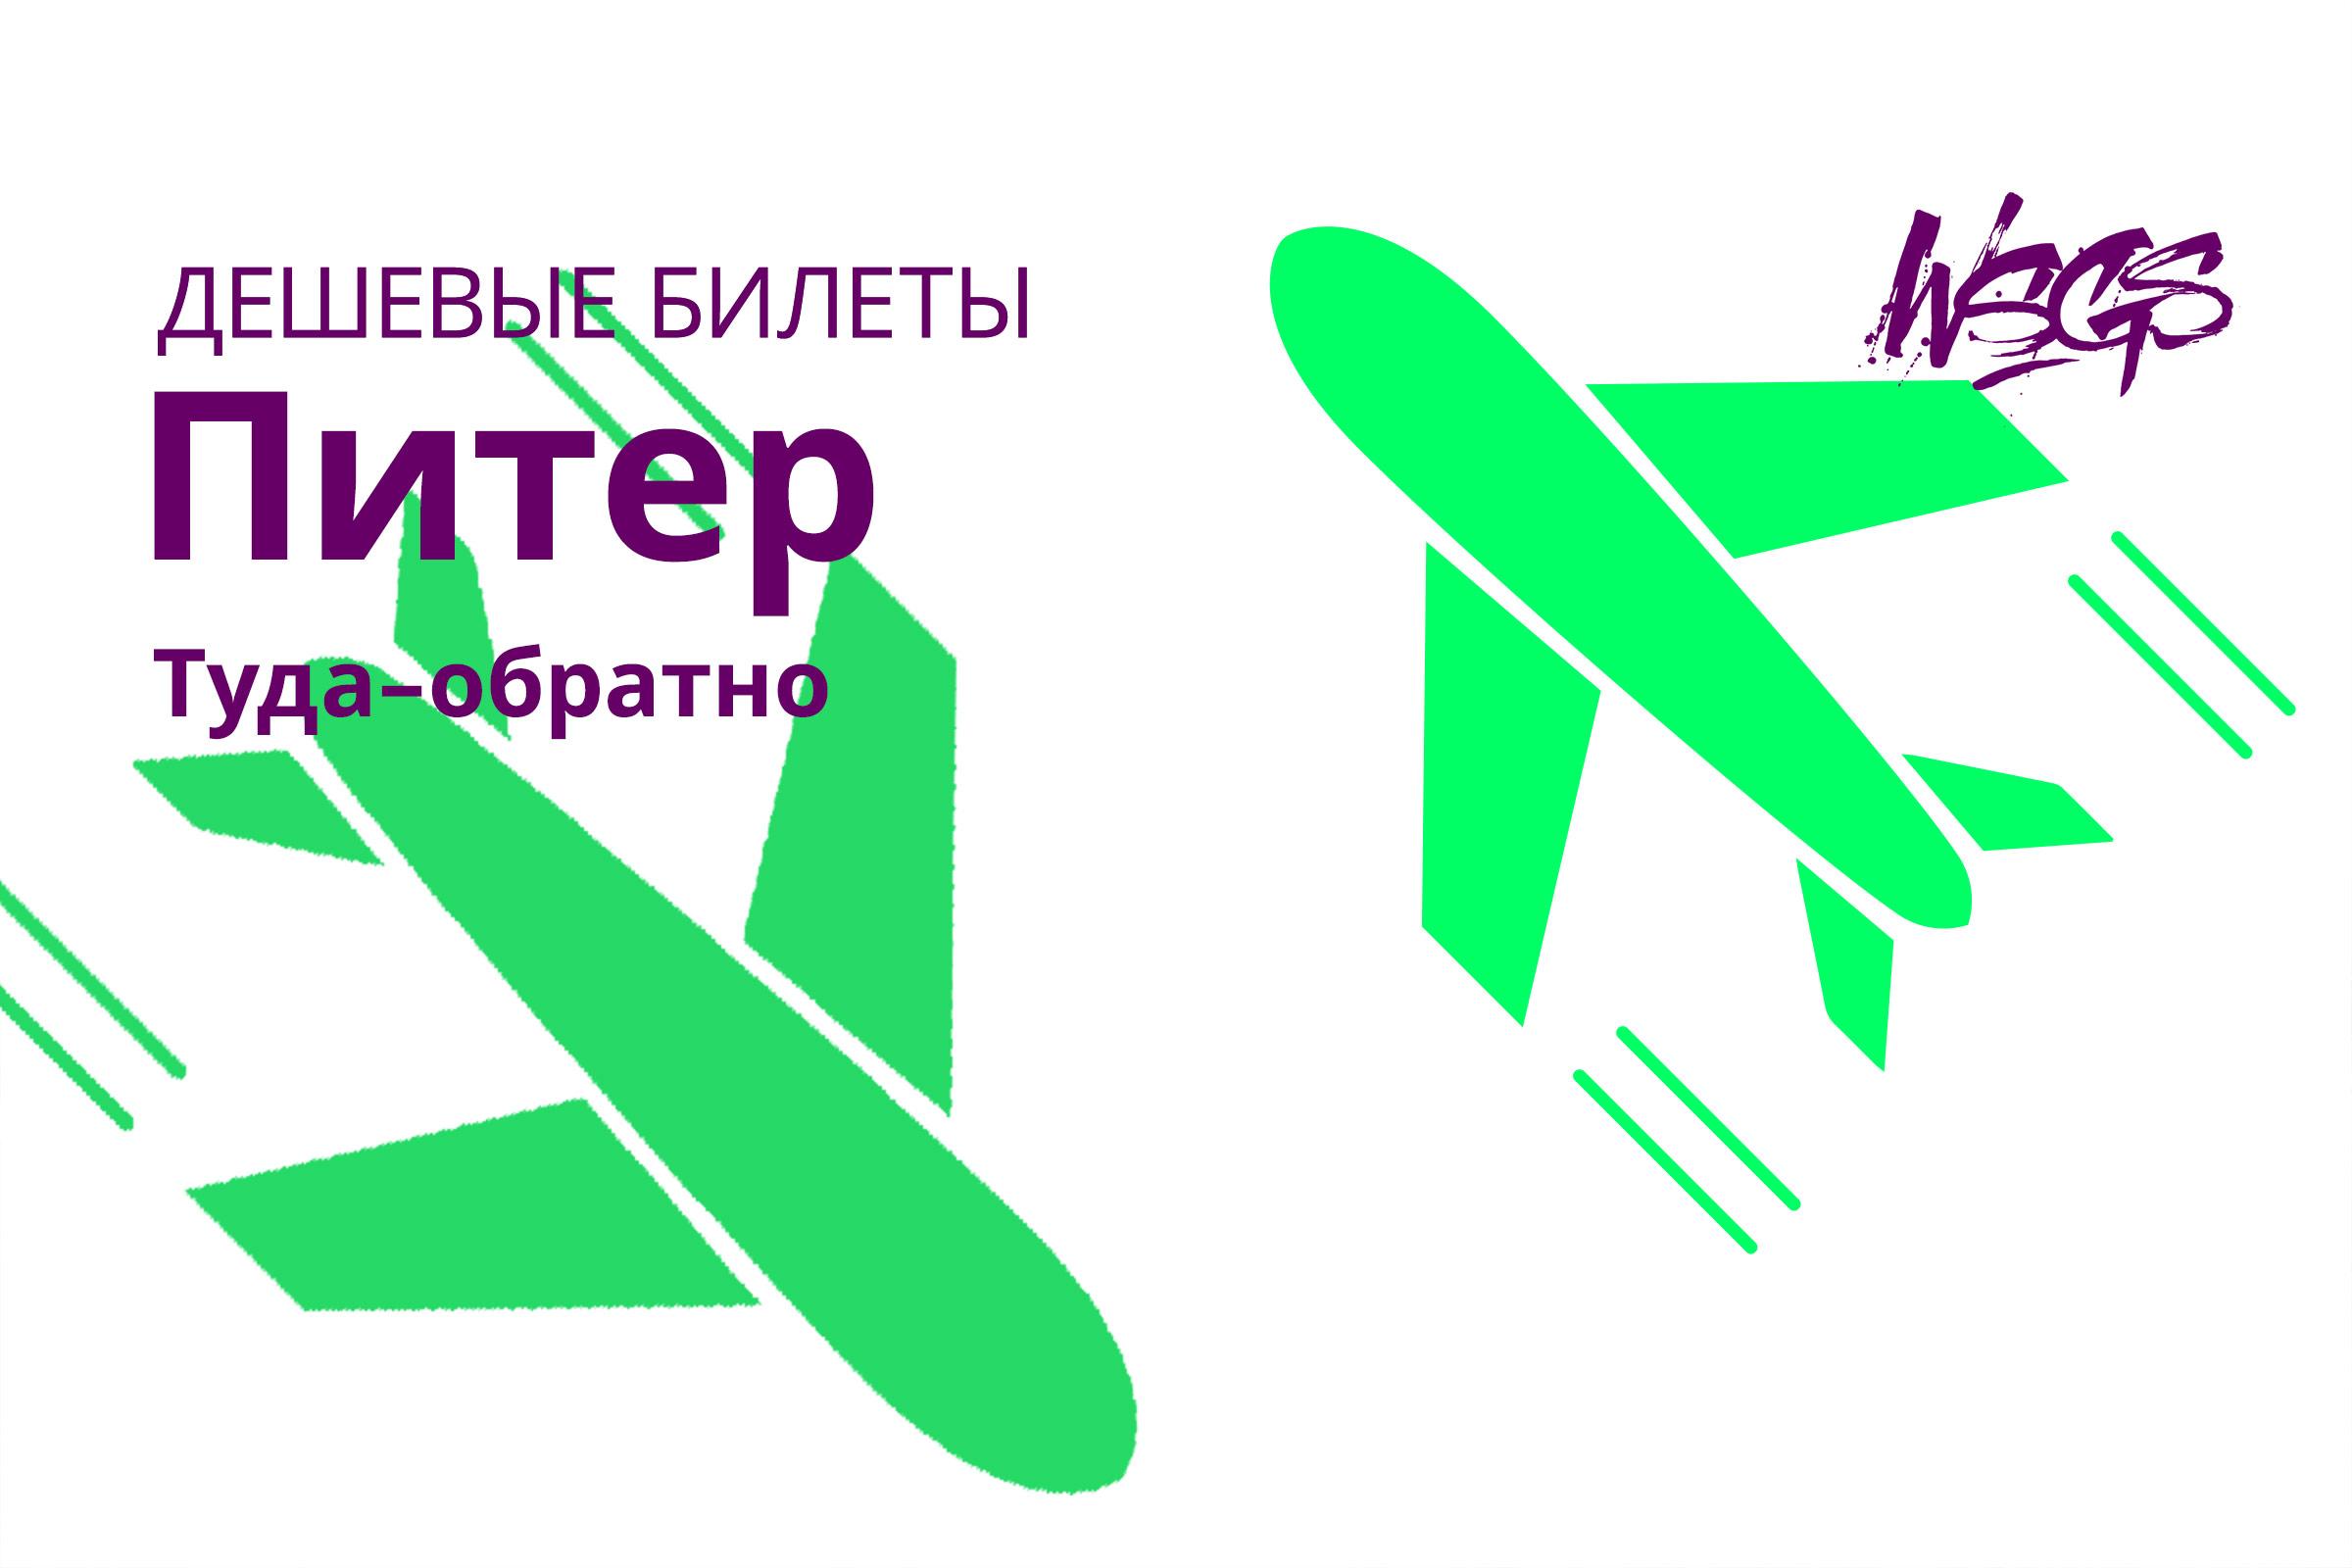 дешевые билеты на серфинг в Санкт-Петербург